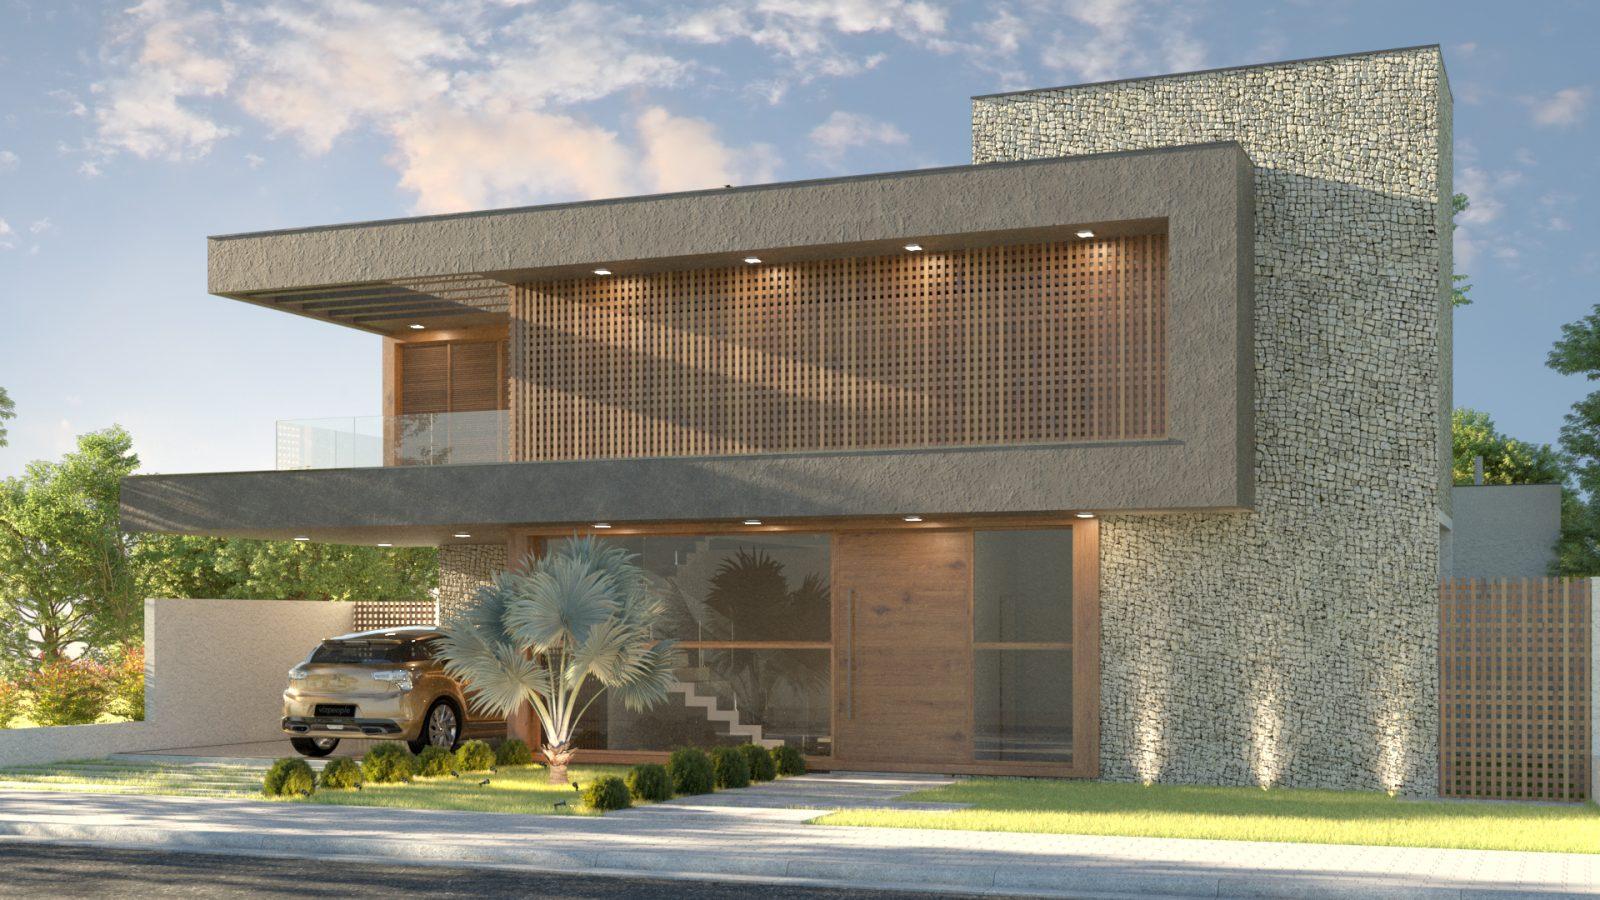 Vista lateral de uma casa modernista, com amplas janelas e um carro na garagem.